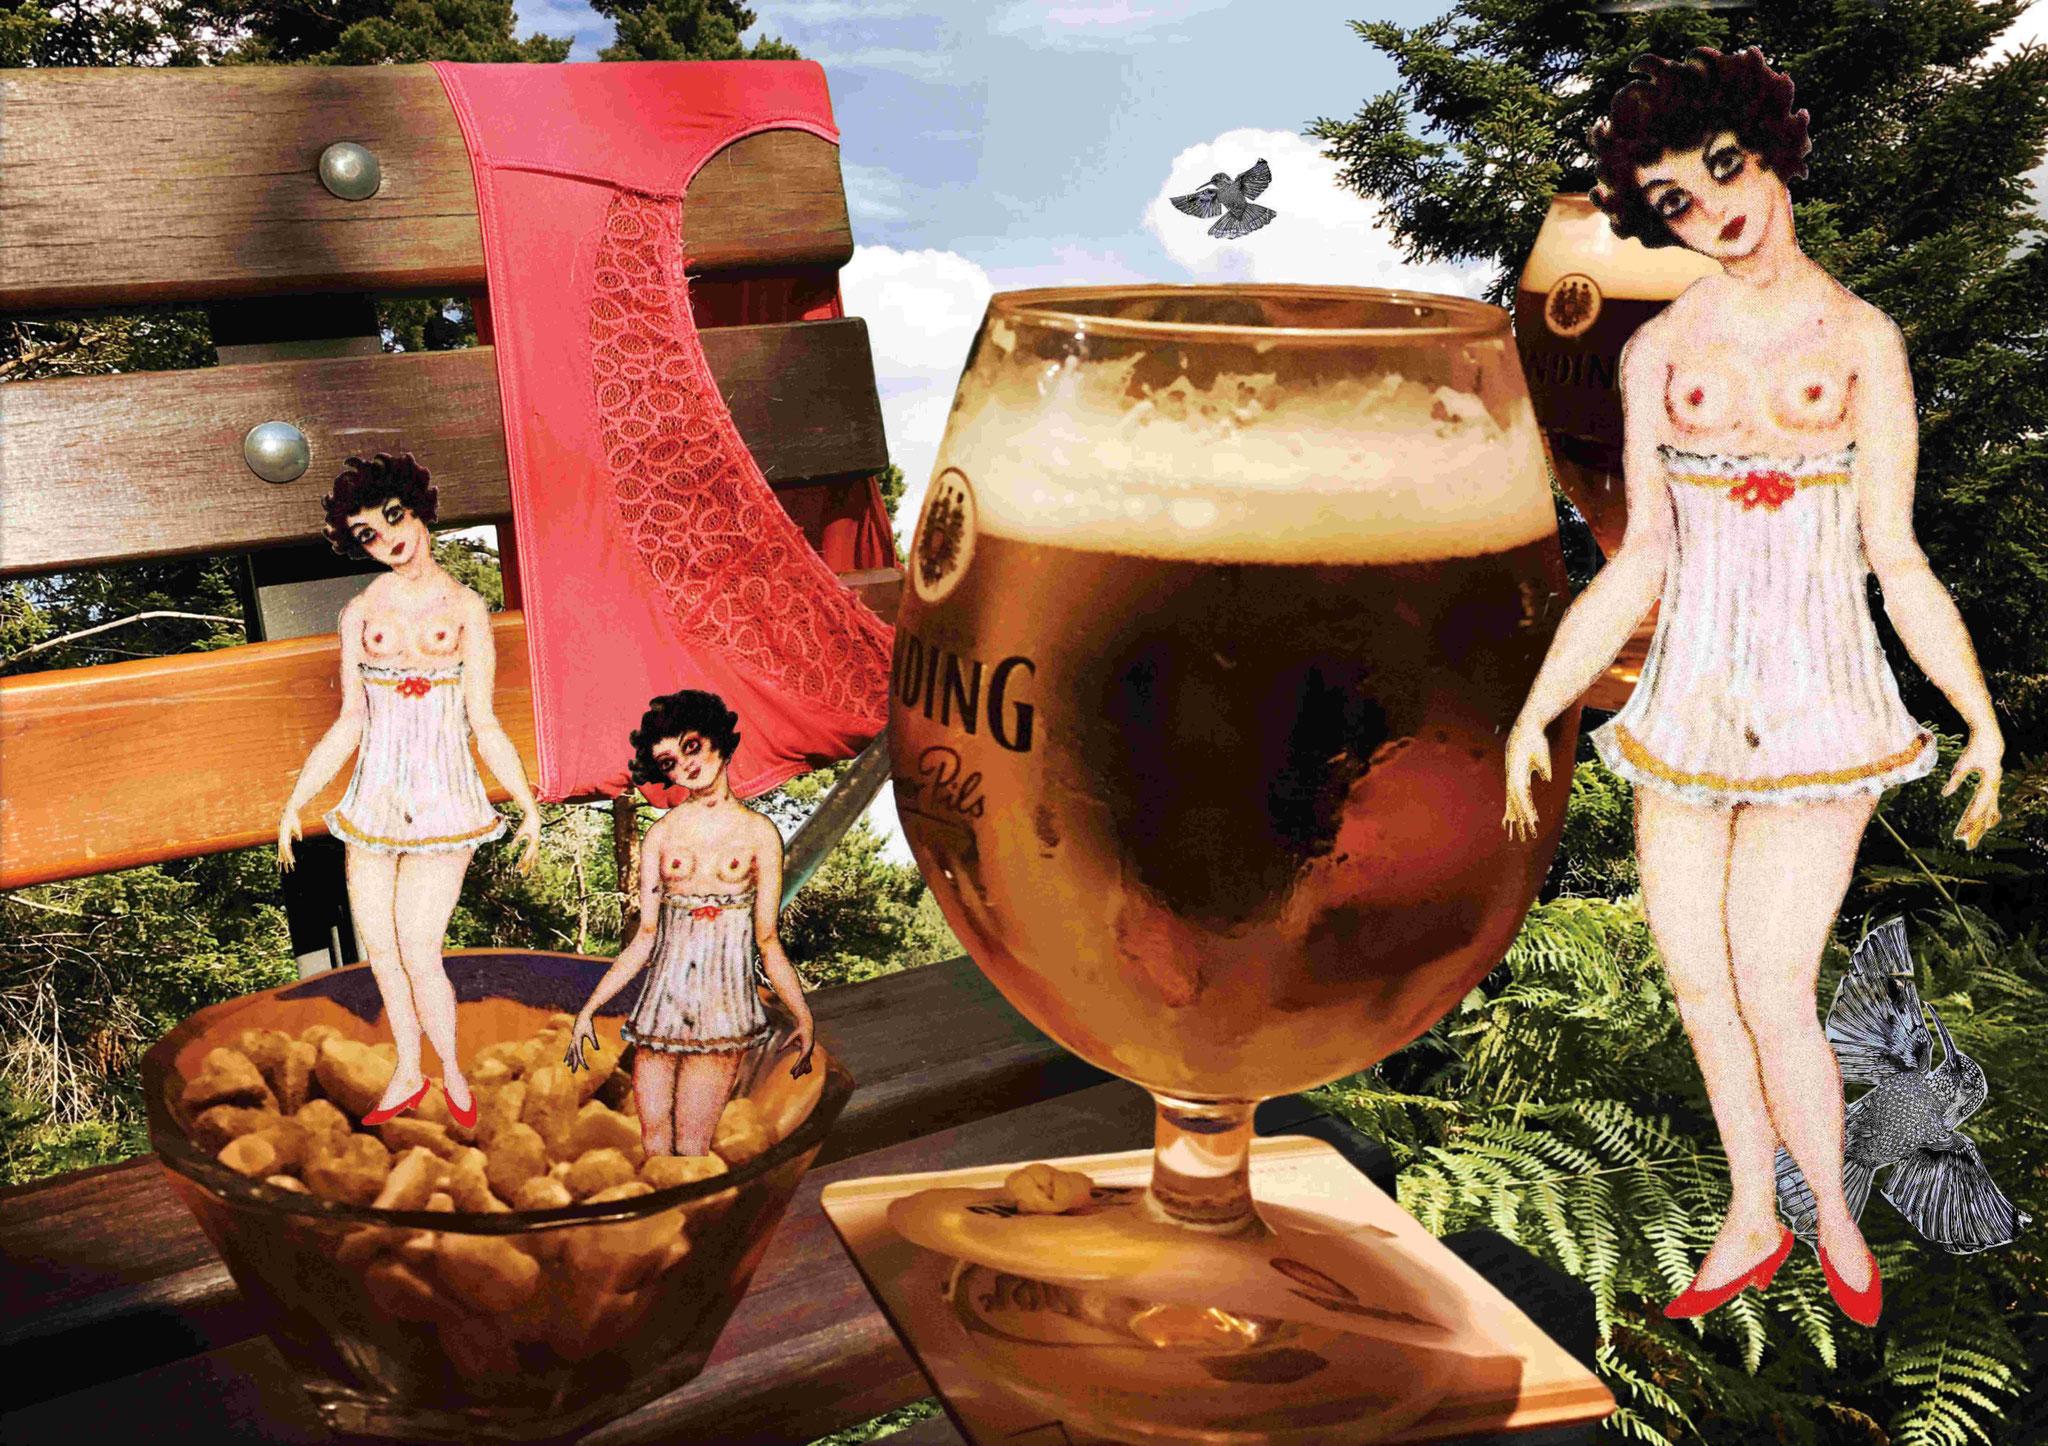 Nüsschen und Bier